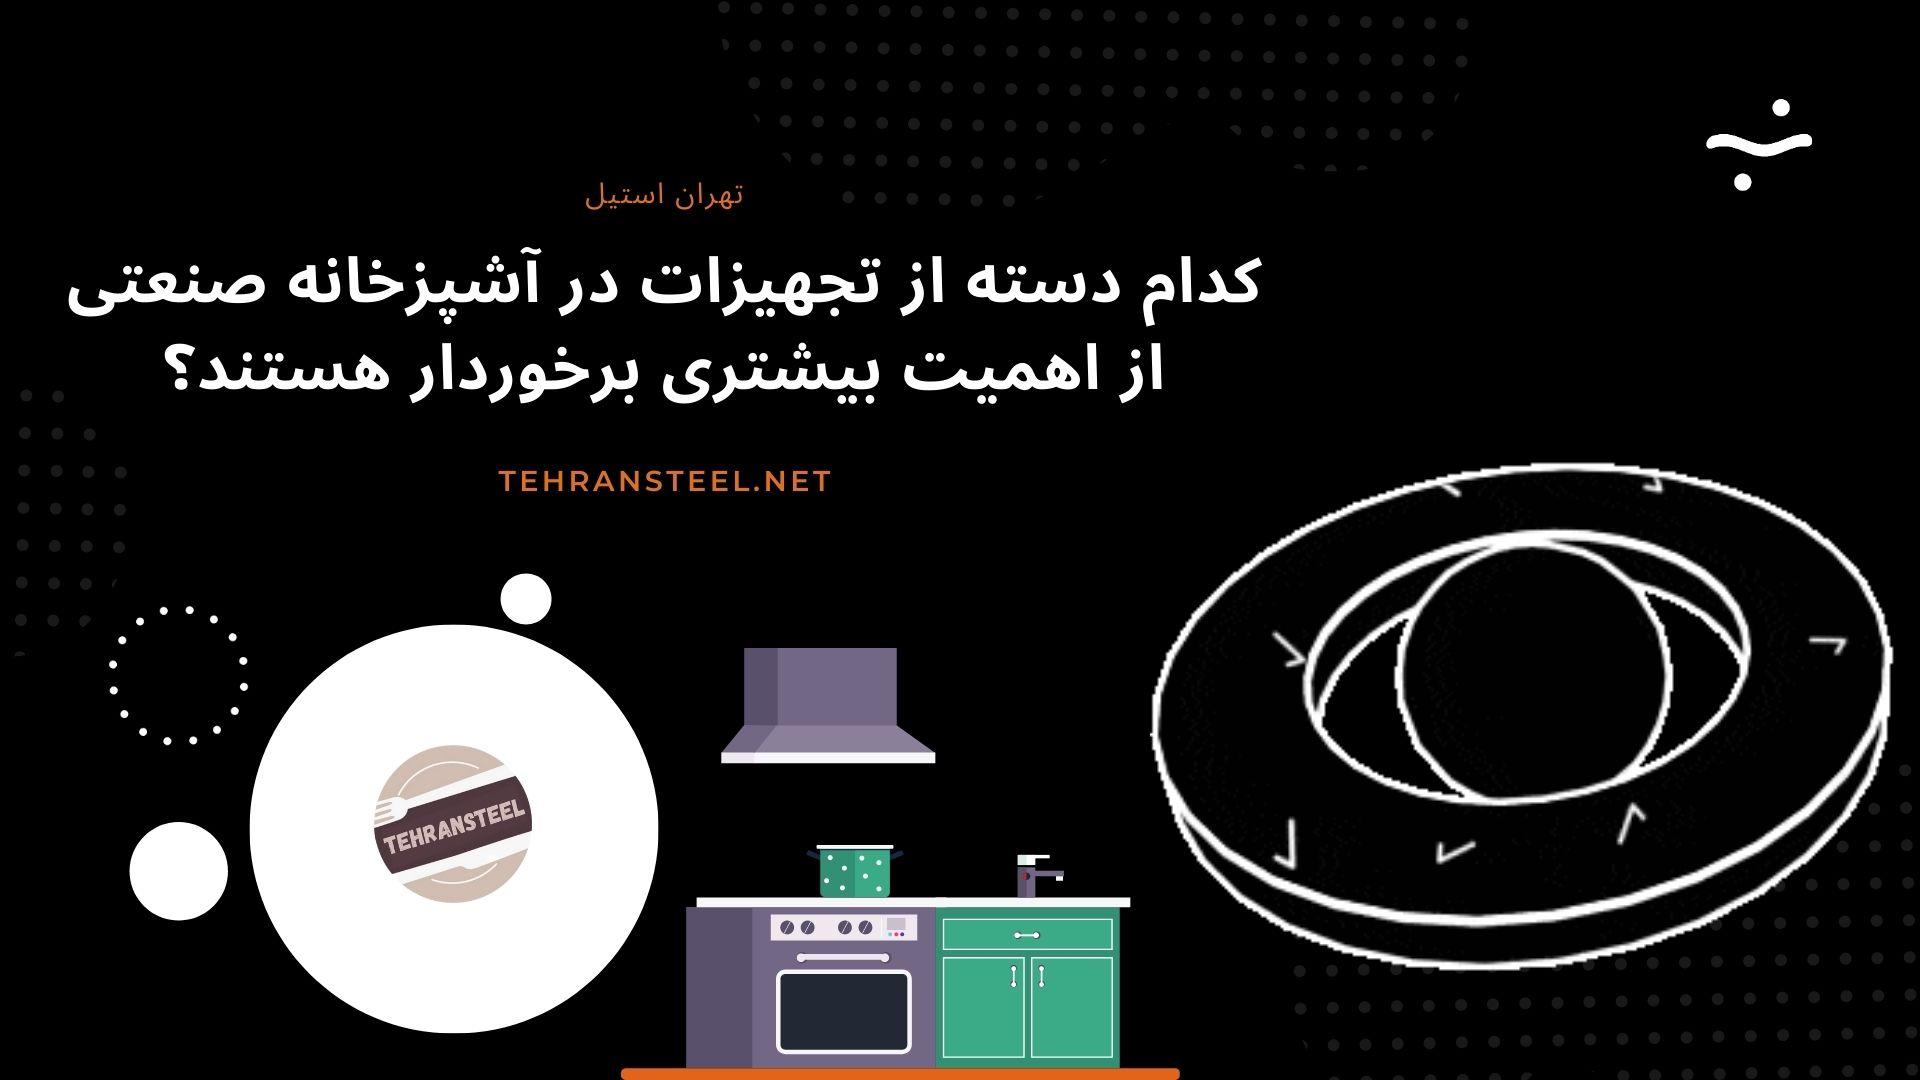 کدام دسته از تجهیزات در آشپزخانه صنعتی از اهمیت بیشتری برخوردار هستند؟